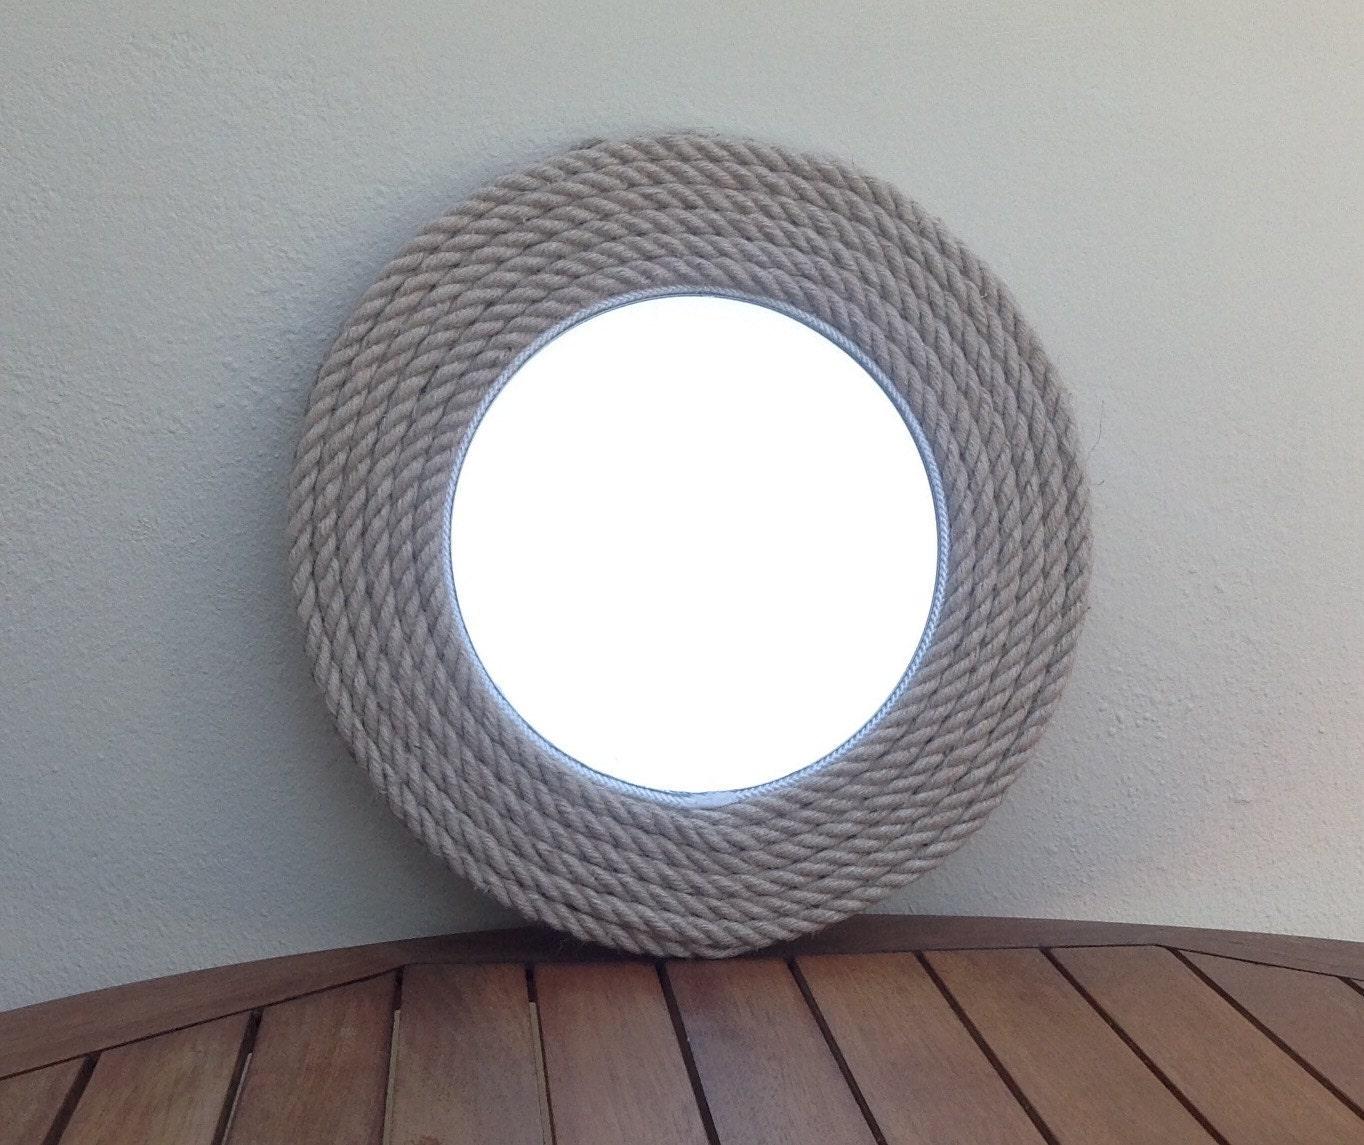 miroir rond miroir de la corde nautique par hippiefishbeachart. Black Bedroom Furniture Sets. Home Design Ideas